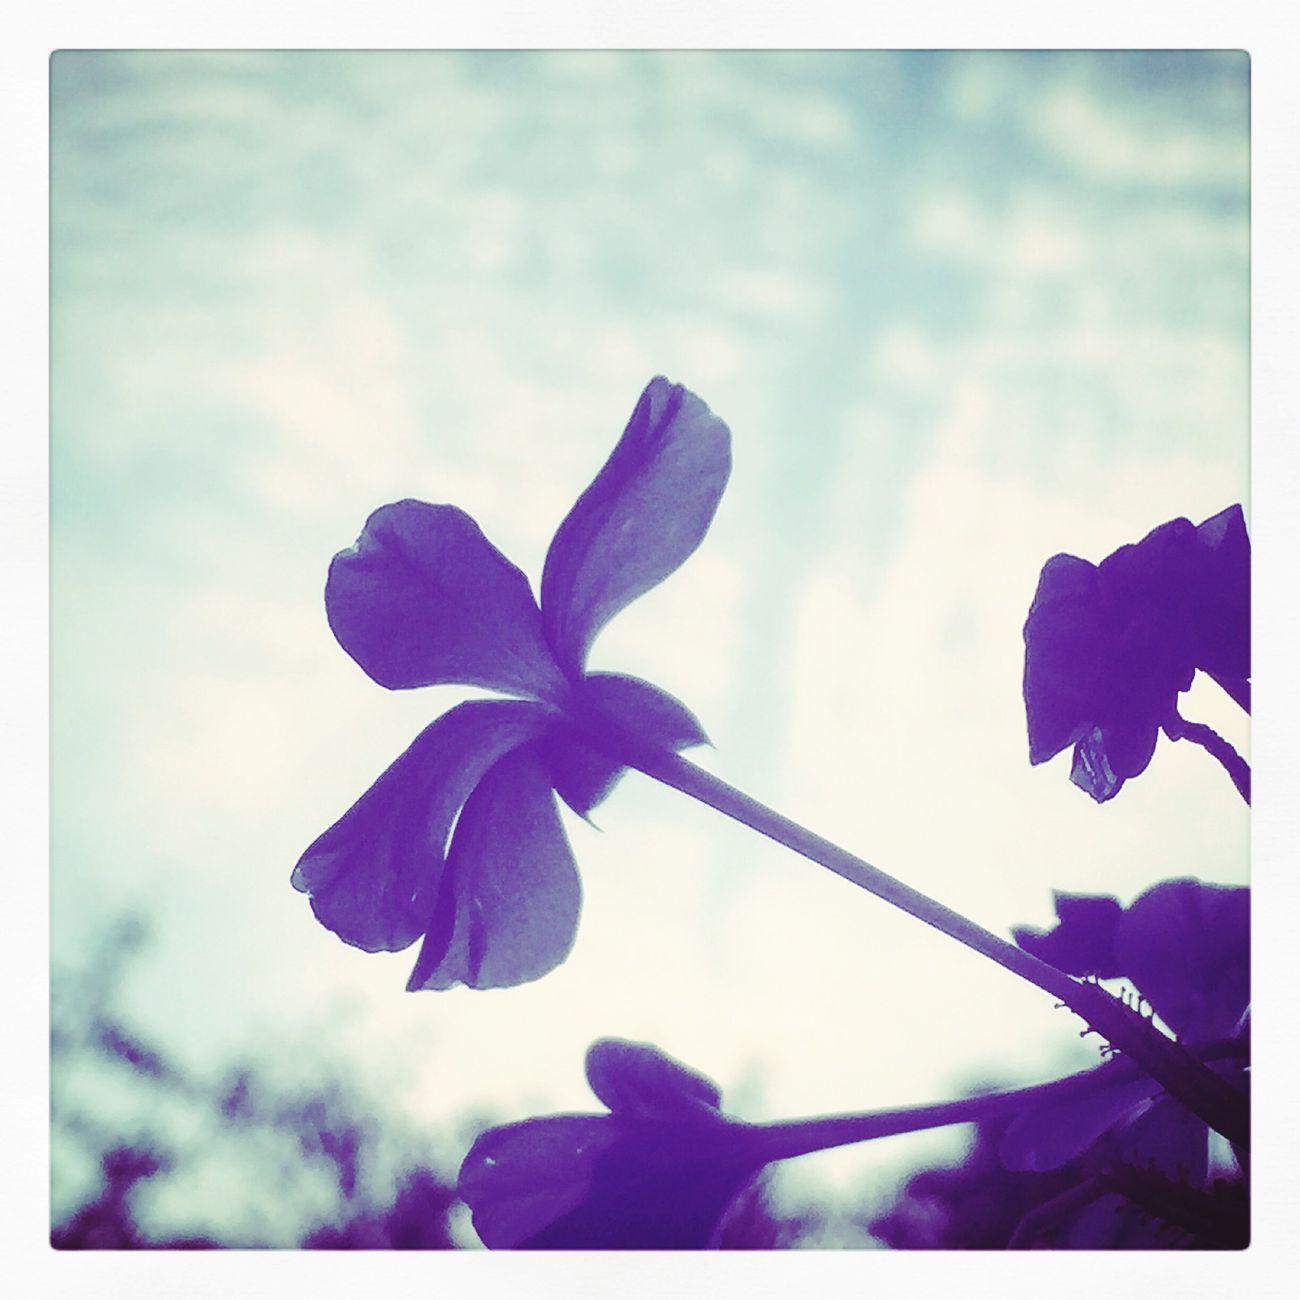 心はいつもそばに…。 Flower Nature Beauty In Nature Petal Sky Flower Head Day Flower Collection Eye Em Nature Lover EyeEm Best Shots Fragility Plant Freshness Growth Close-up No People Outdoors (null)Blue Flowers Sea2sky Love ♥